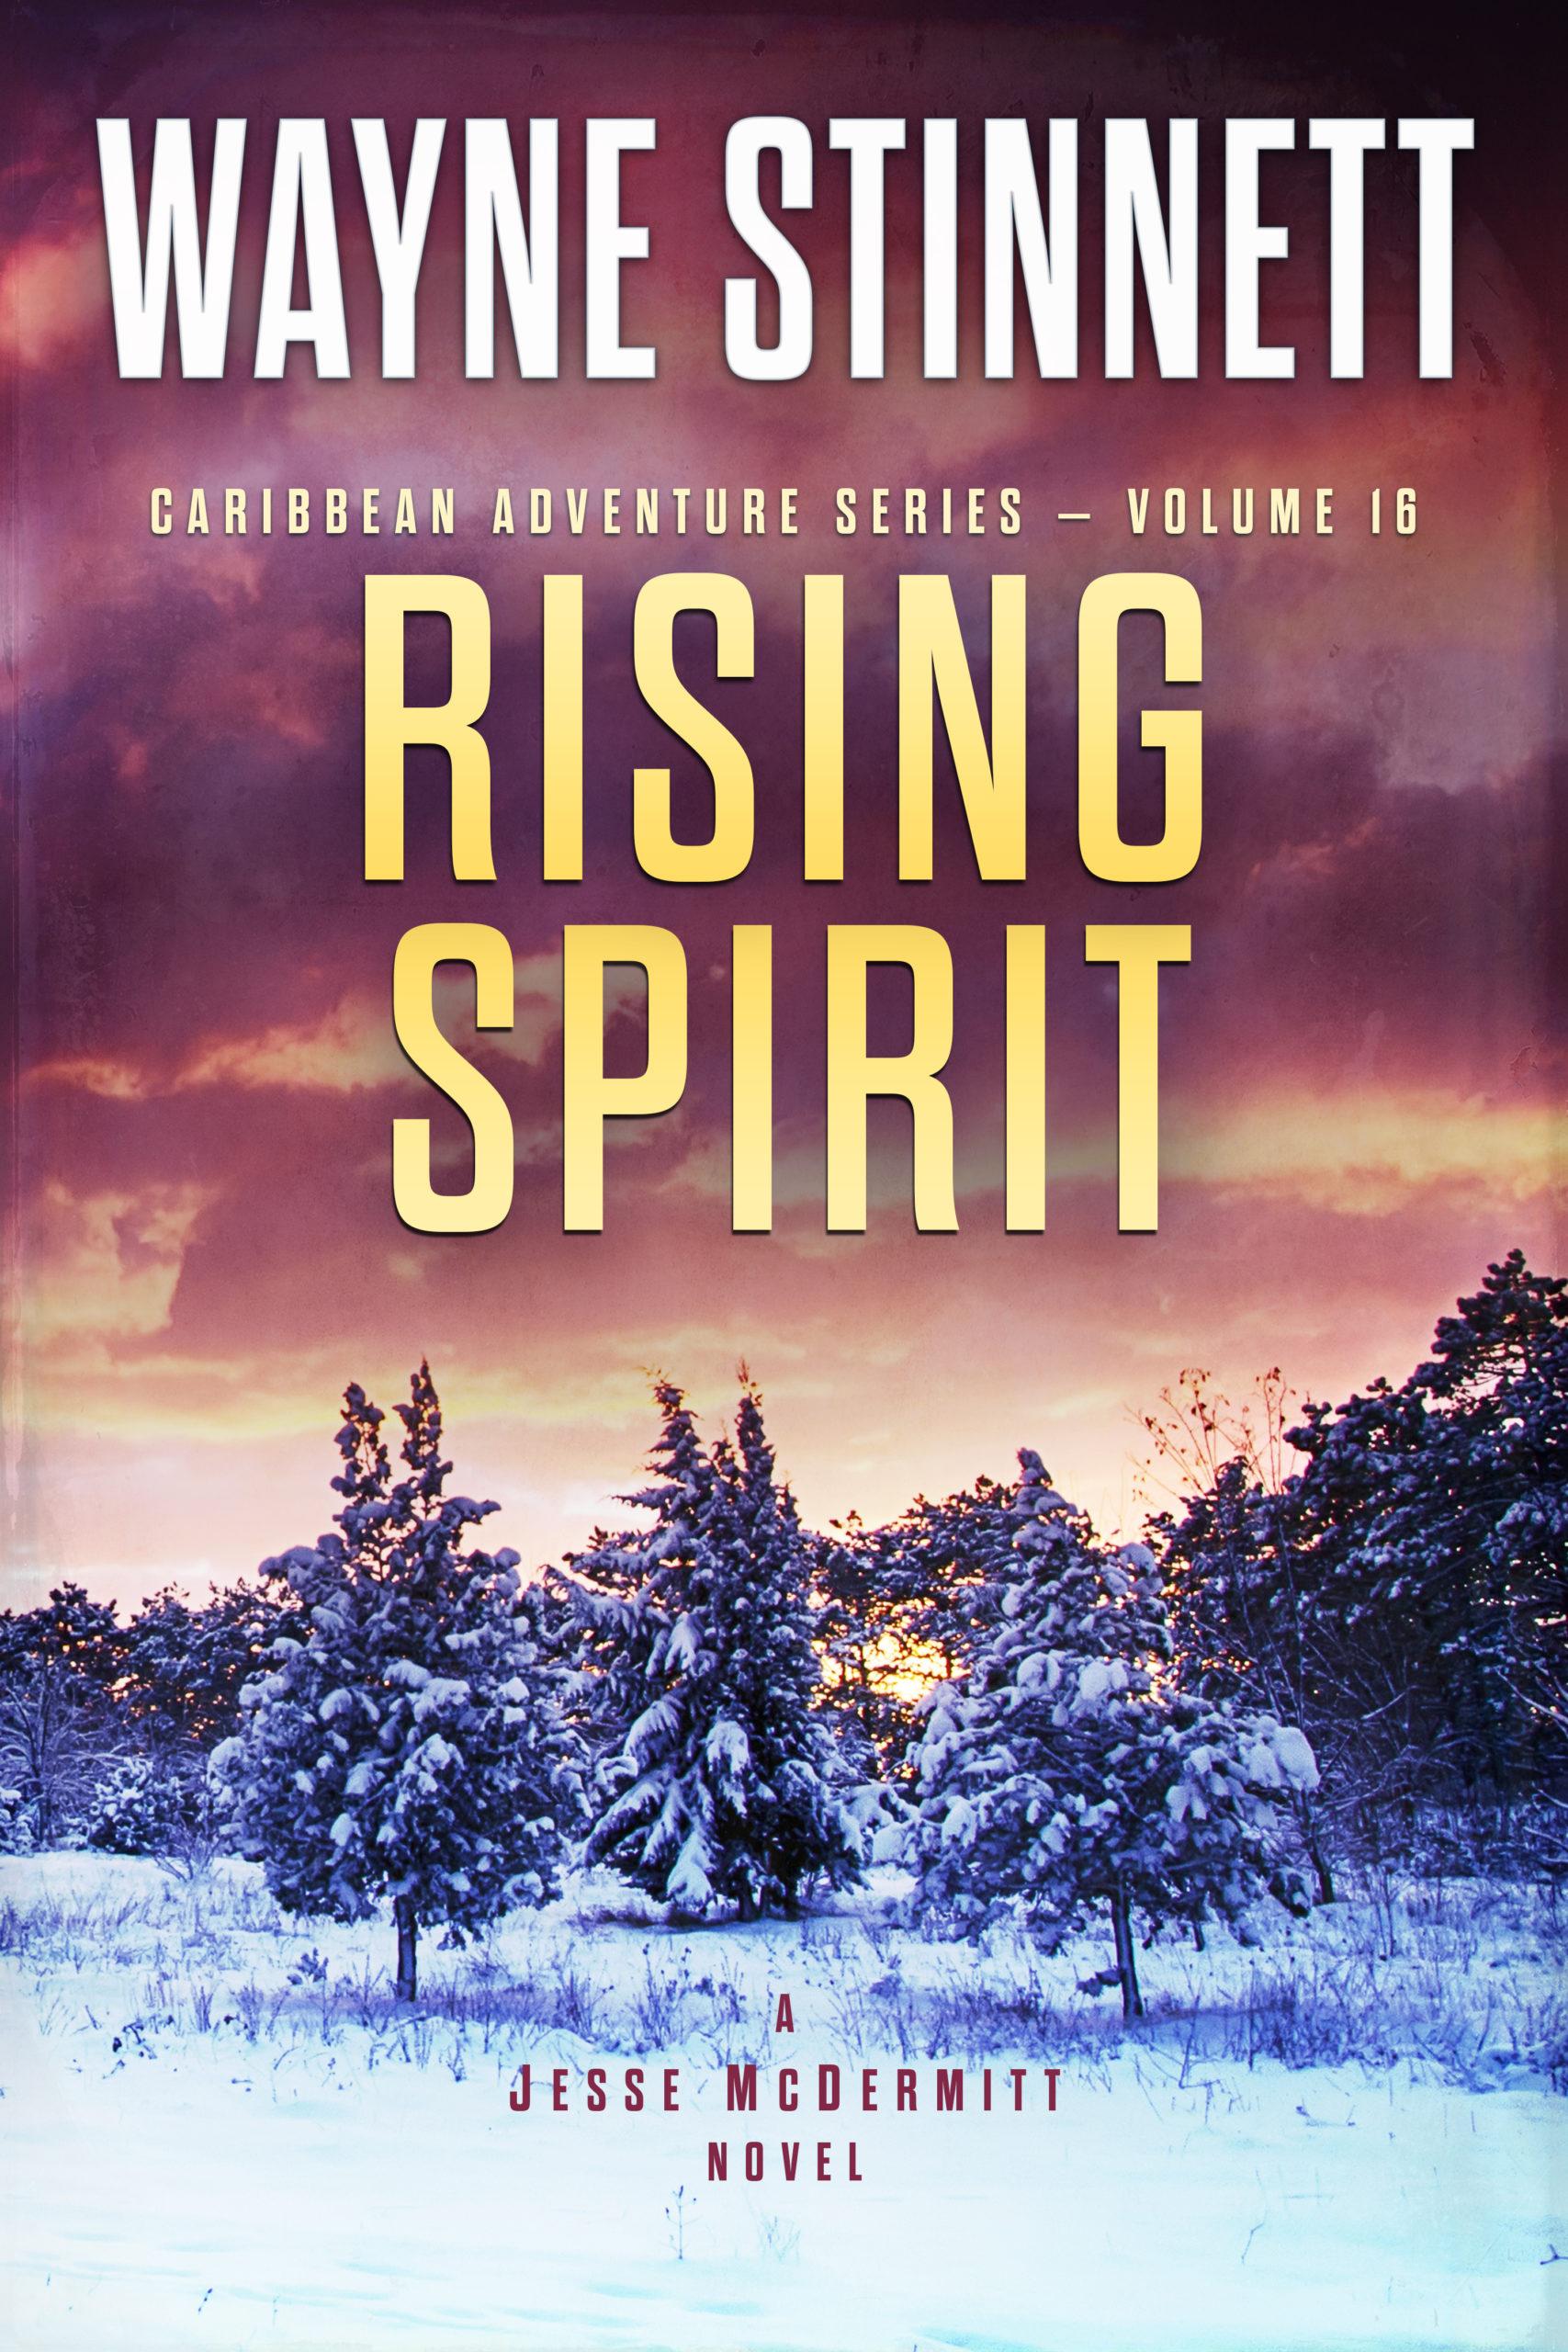 Book Cover of Rising Spirit by Wayne Stinnett